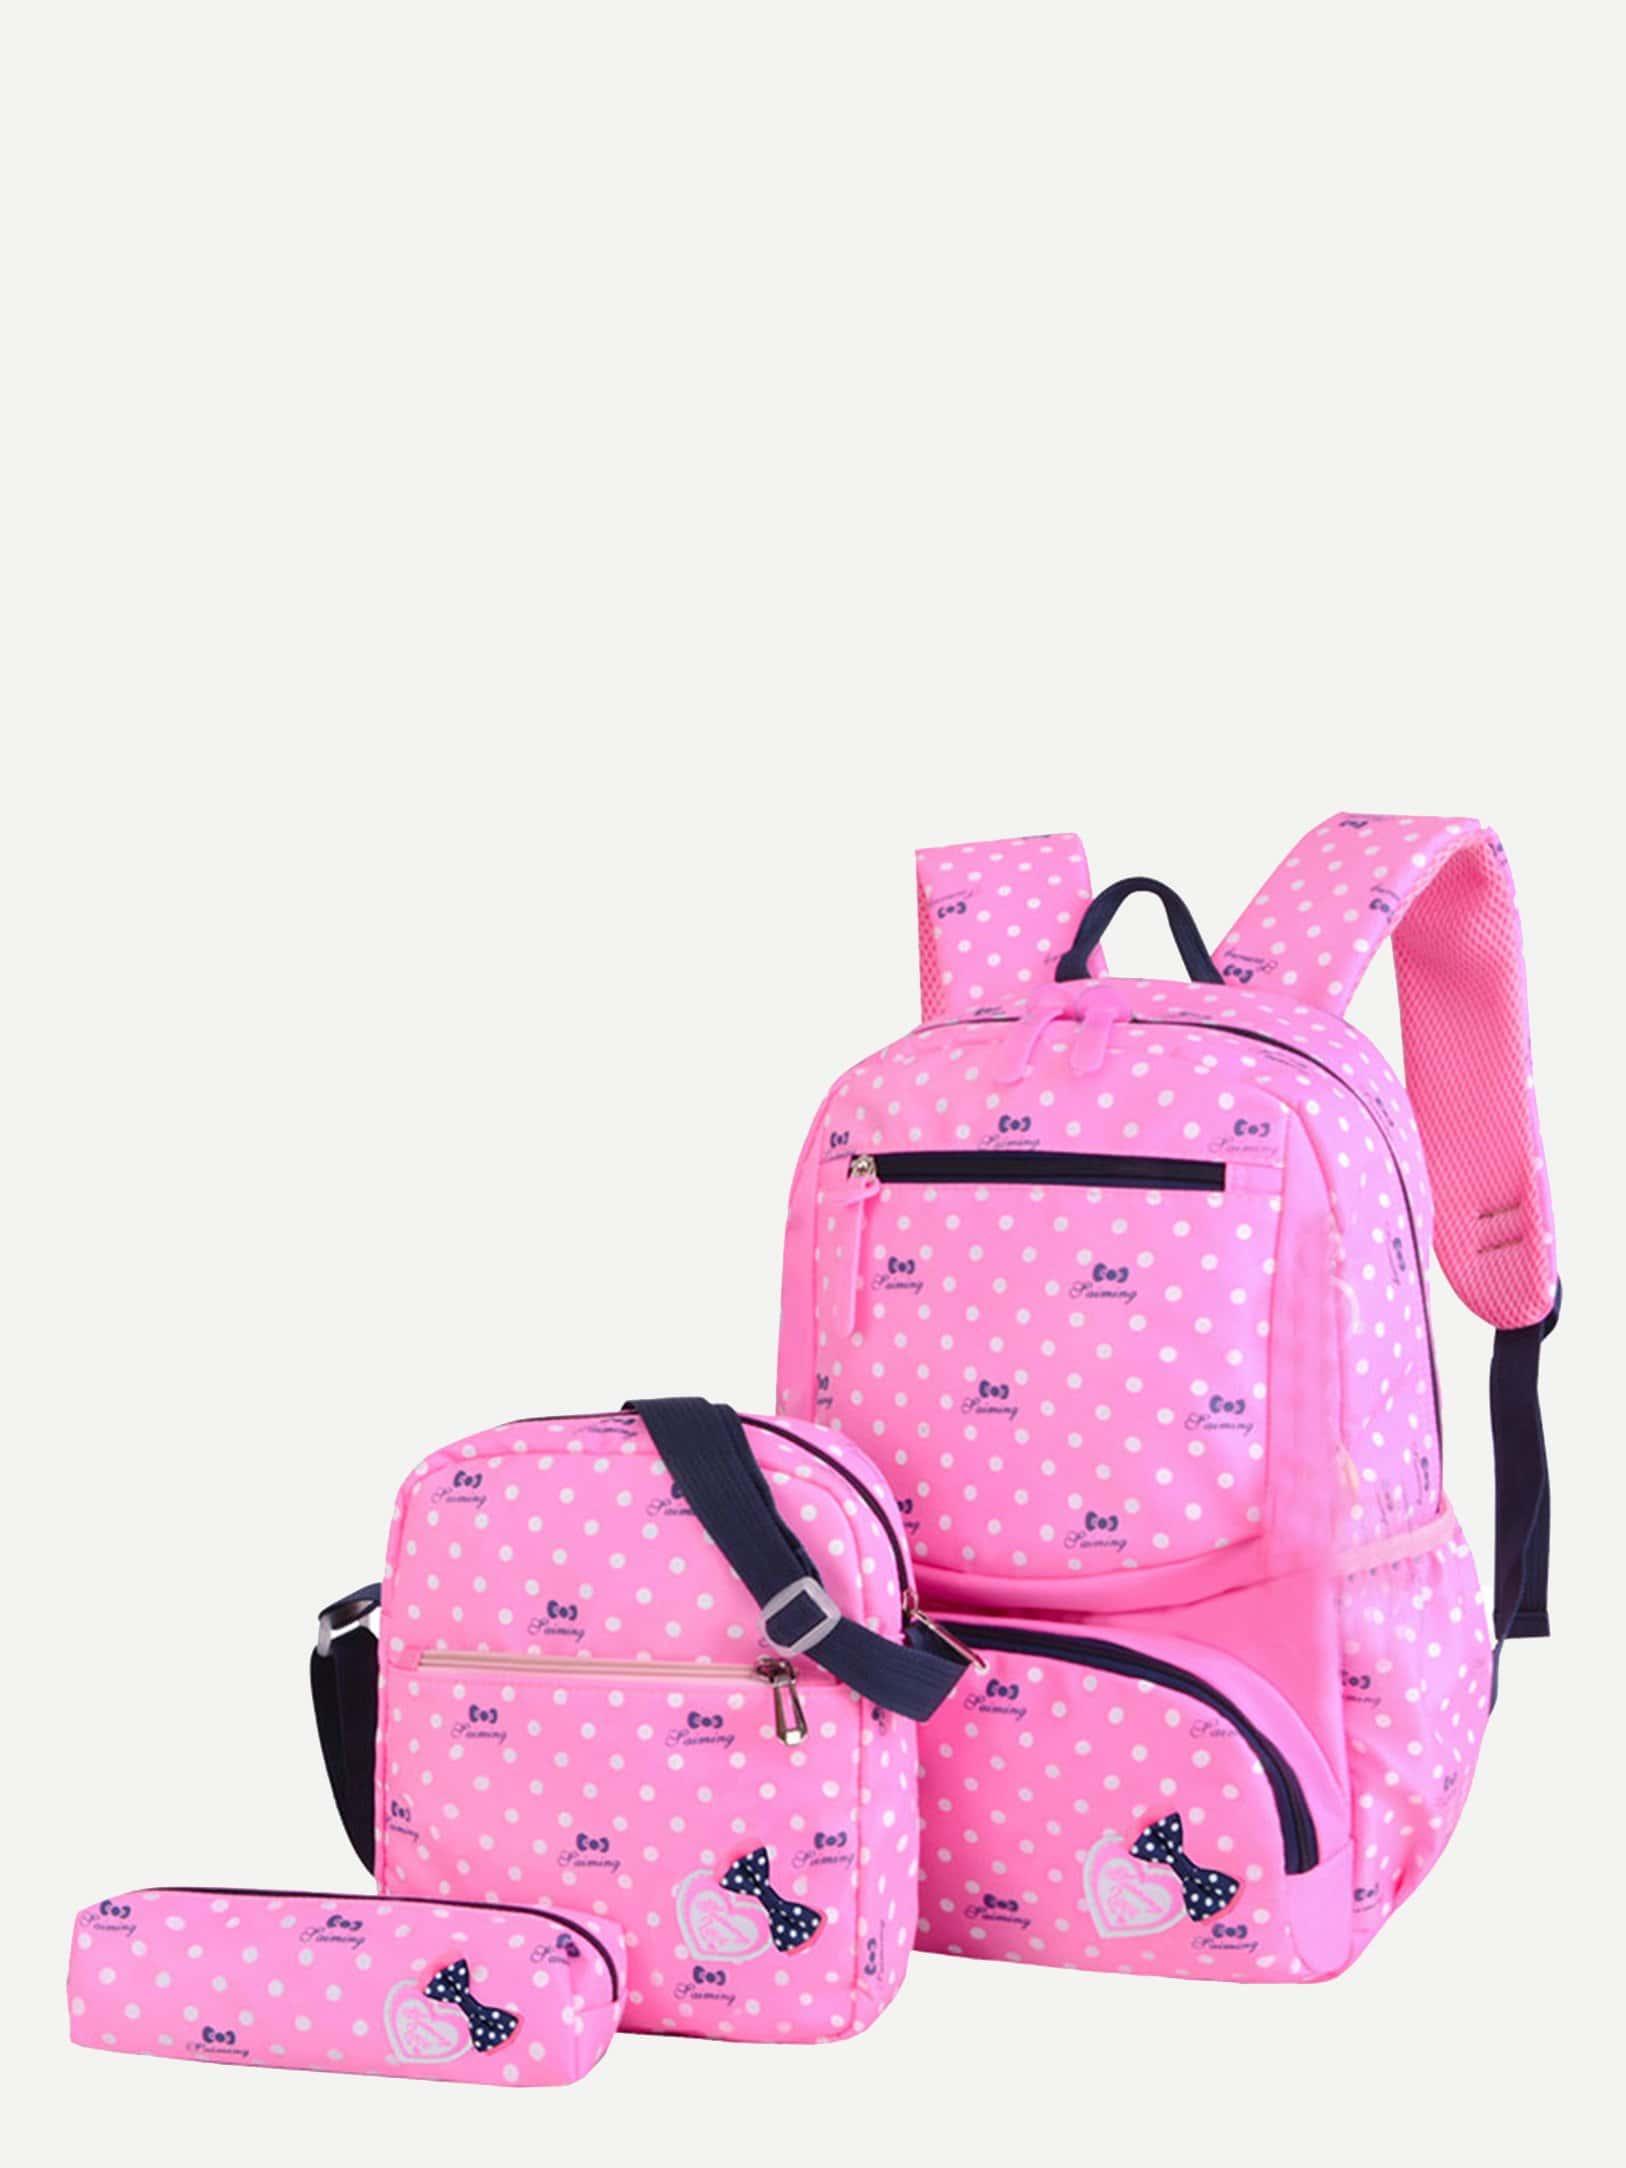 Купить 3шт.Детский рюкзак в горошек с коробкой для карандашей, null, SheIn